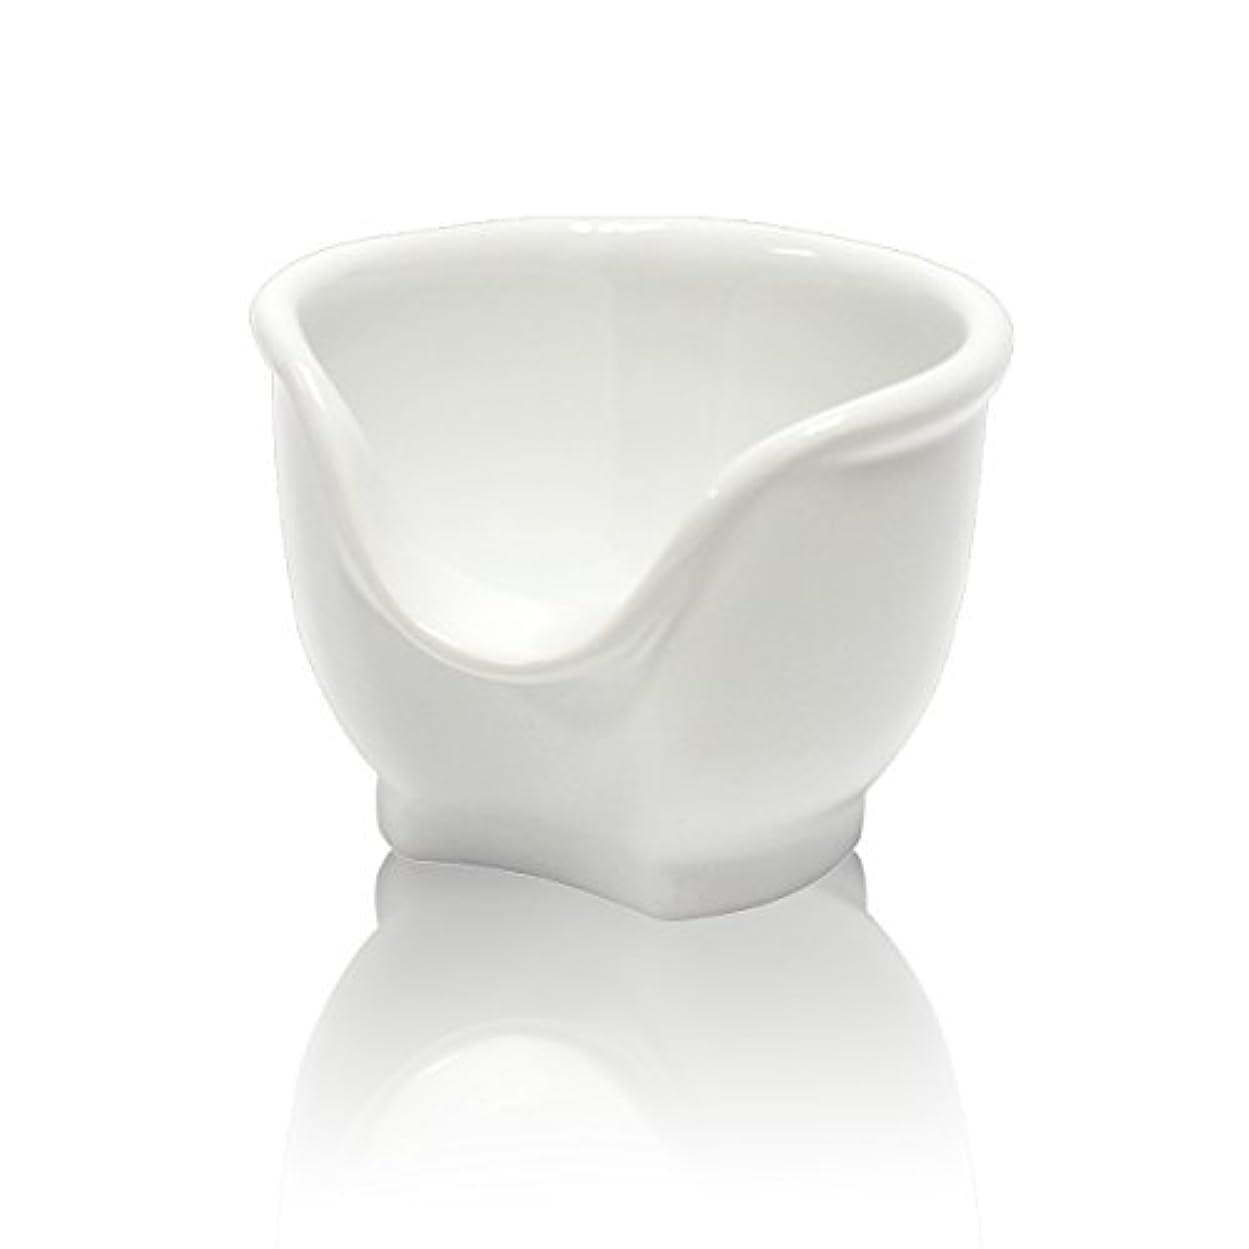 カビ落ち着いた配偶者Signstek 磁器製シェービングカップ シェービングボウル 髭剃り石鹸カップ ホワイト